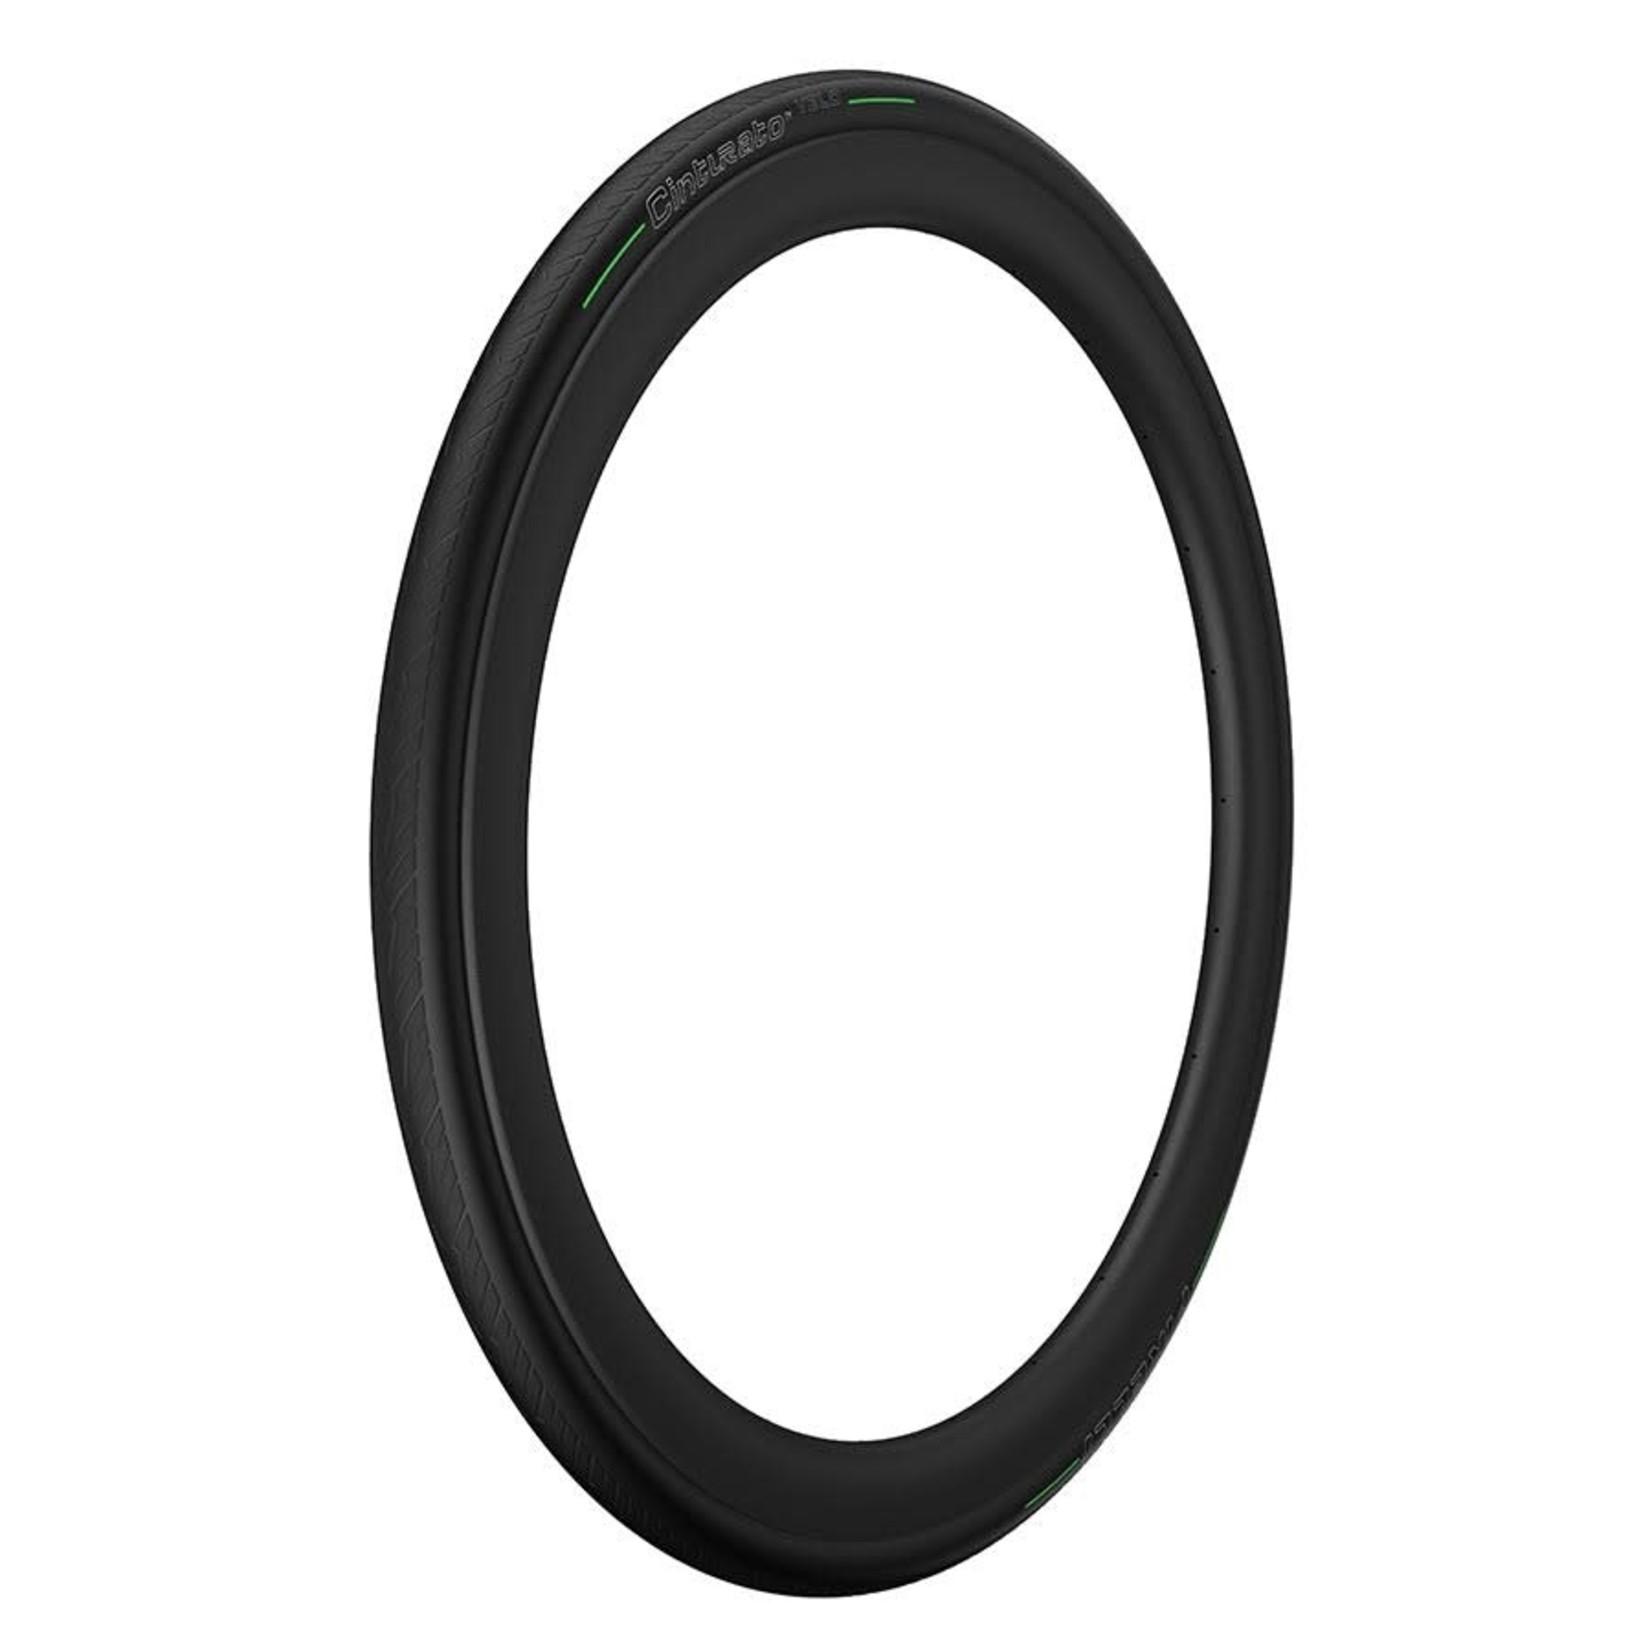 Pirelli Pirelli Cinturato Velo Tire